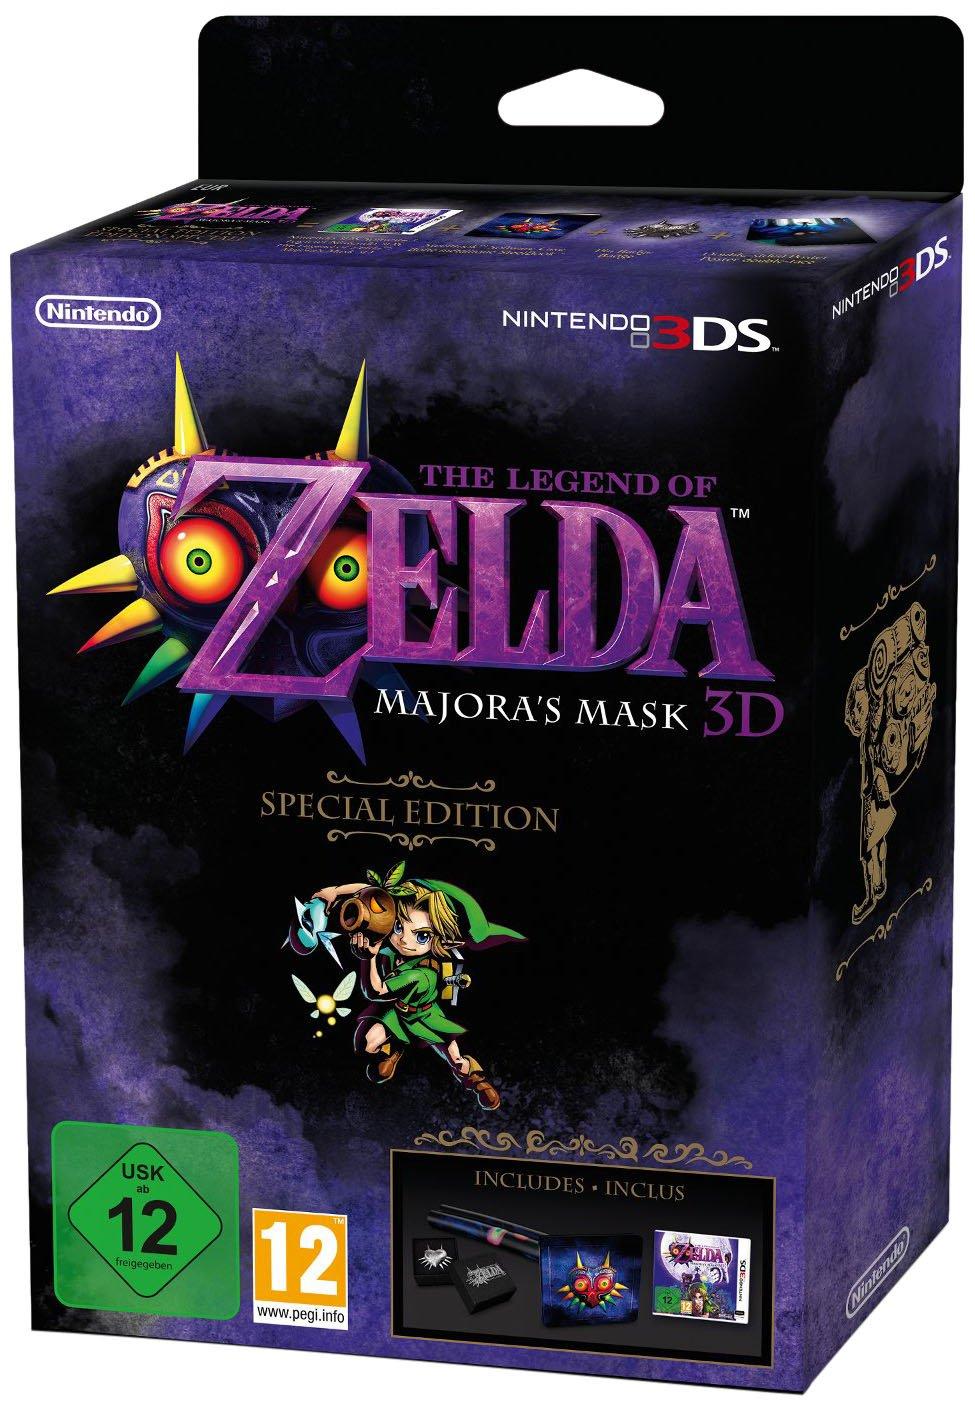 The Legend of Zelda: Majora's Mask 3D Special Edition [PAL Version / UK]